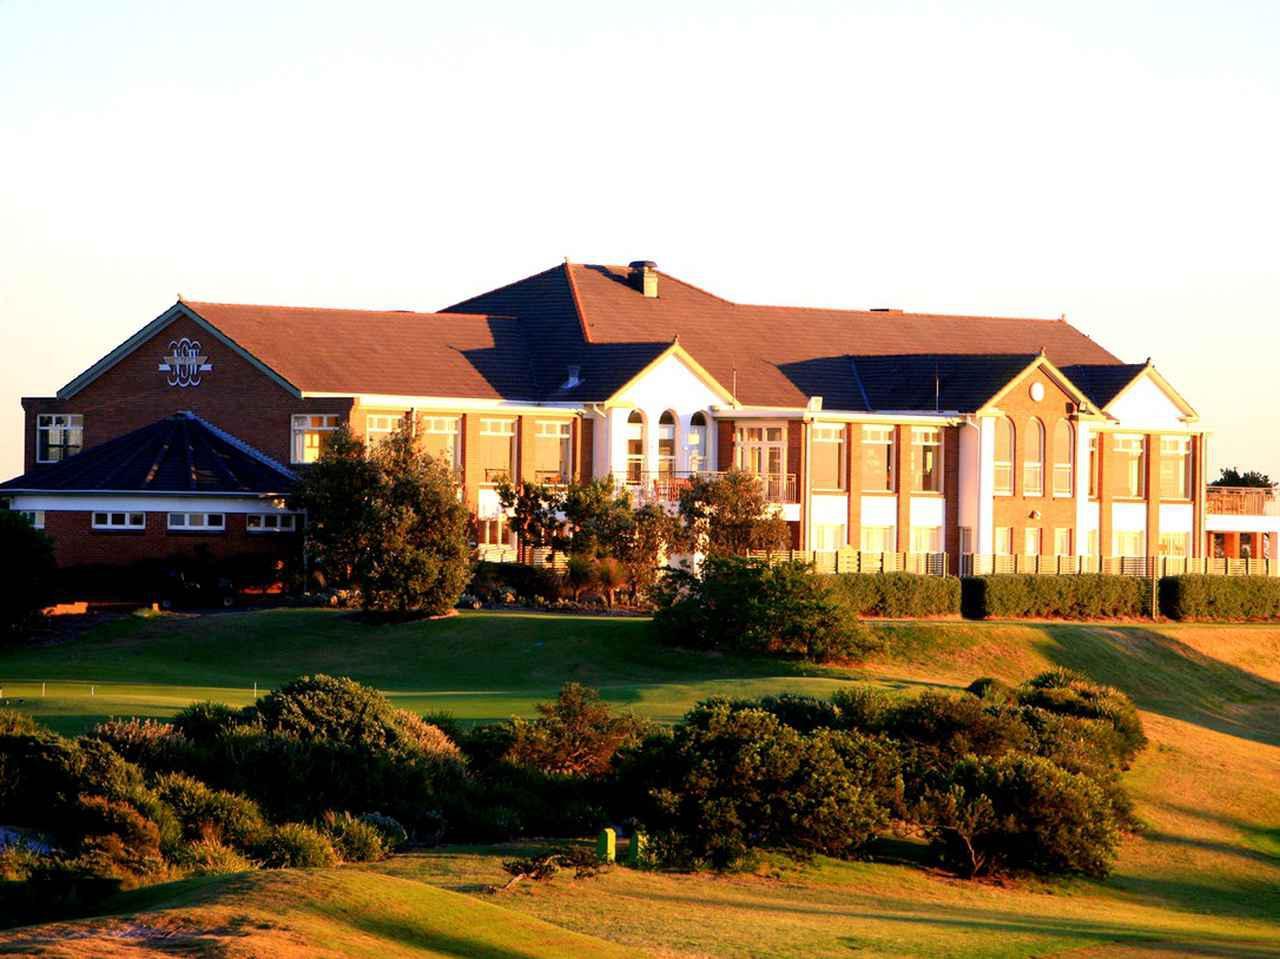 画像3: ニューサウスウェールズゴルフクラブ(NSW GolfClub)